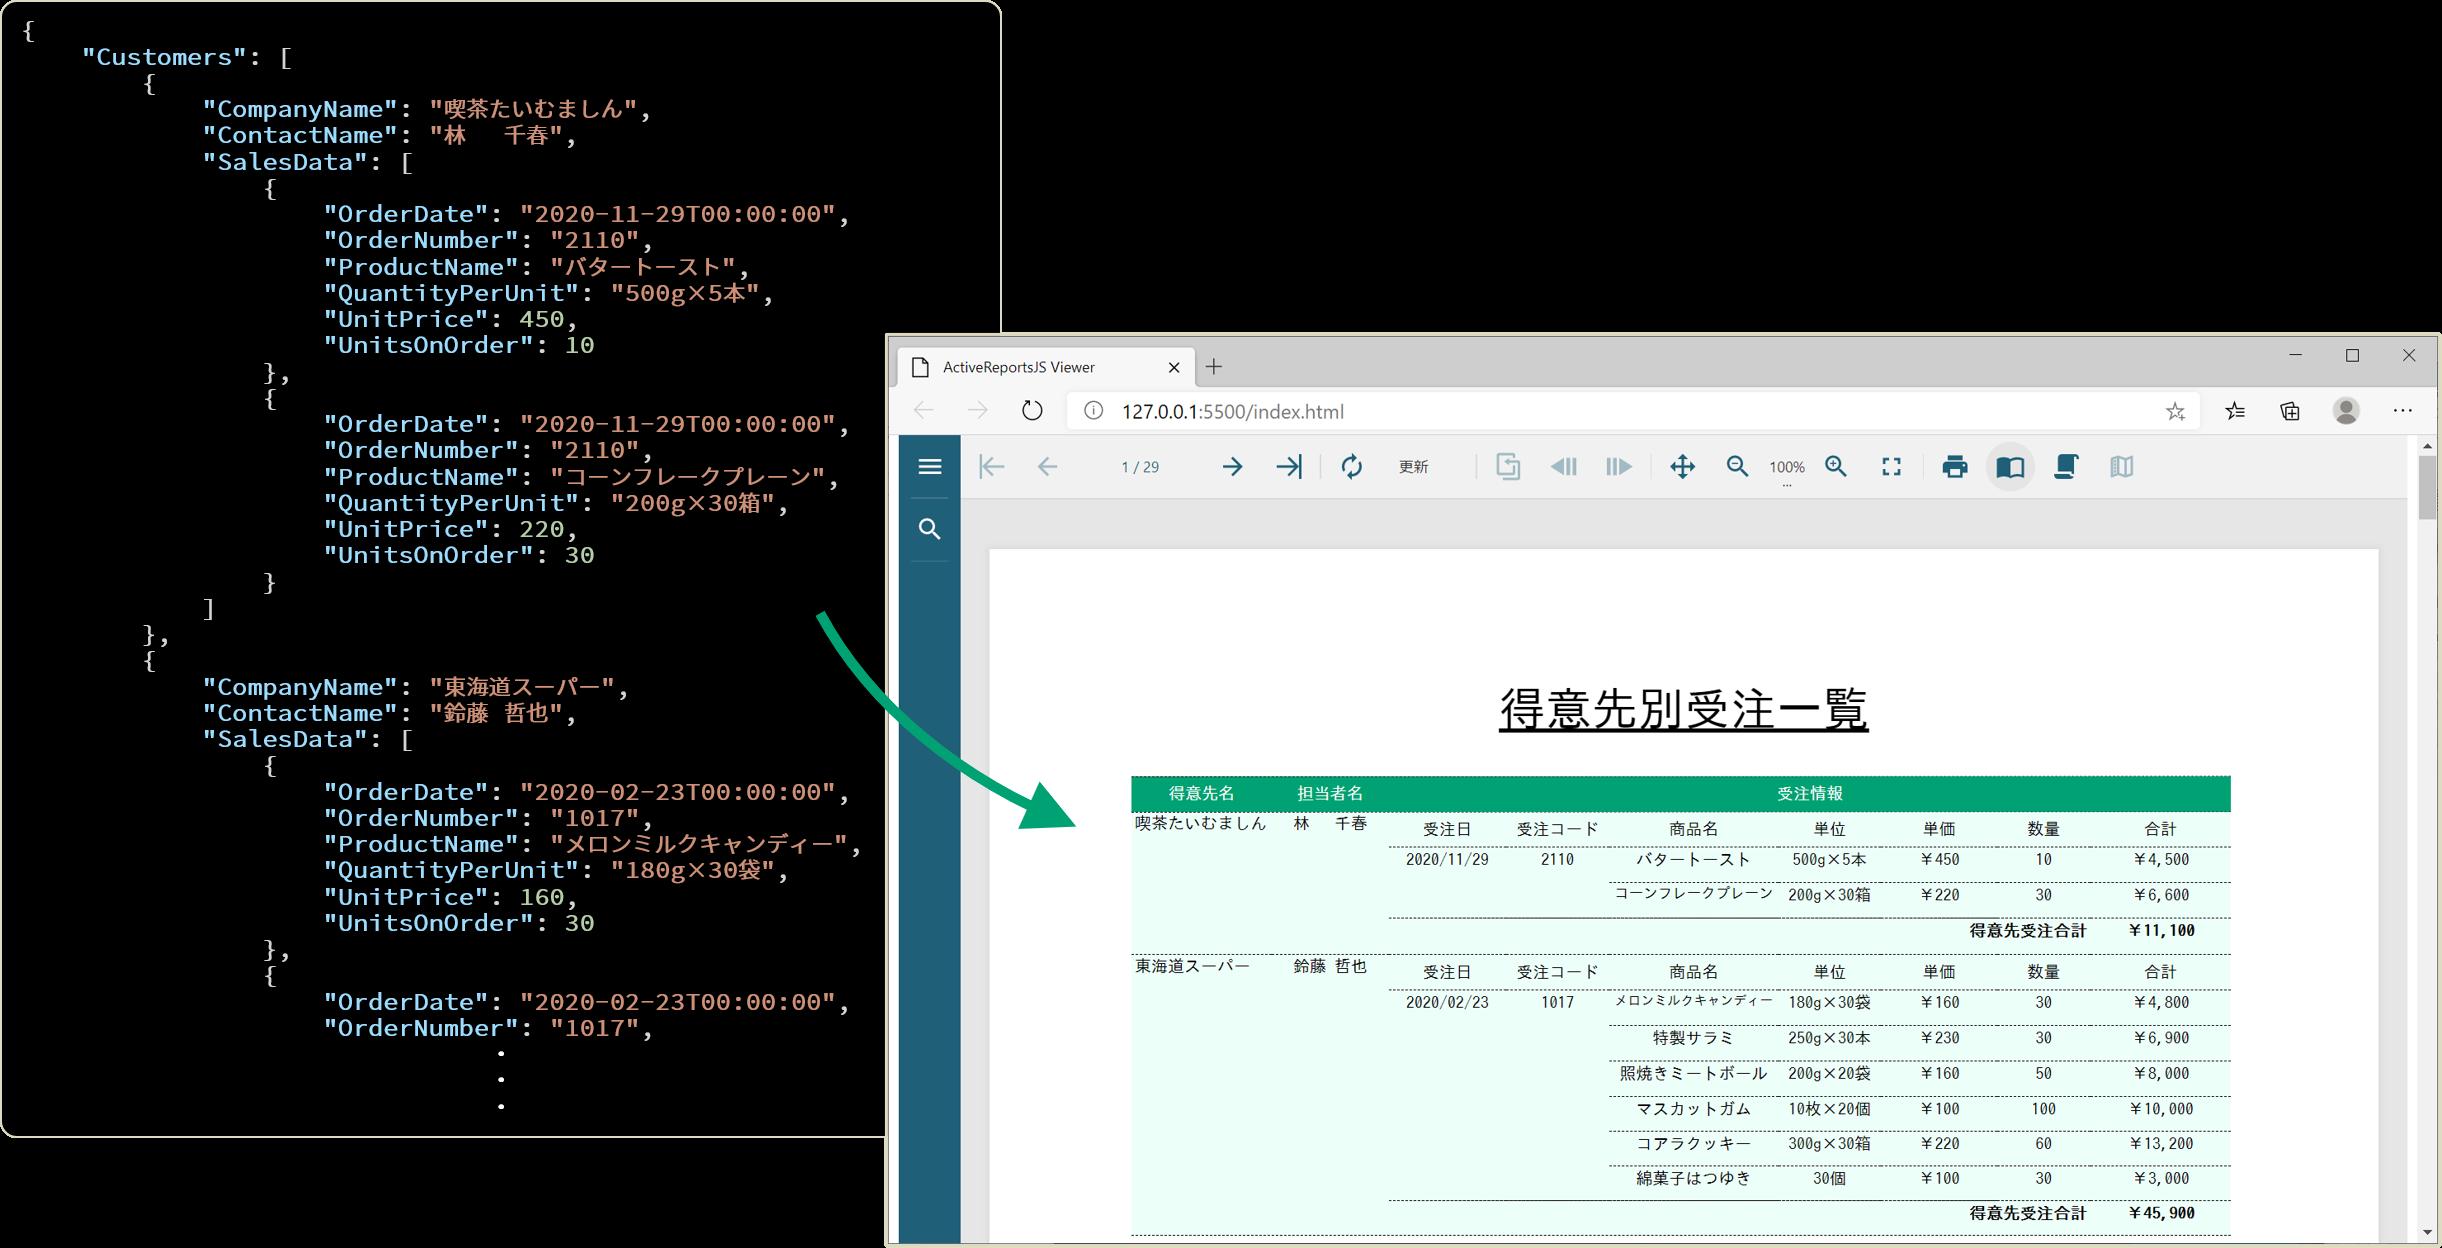 階層形式のJSONデータをサポート